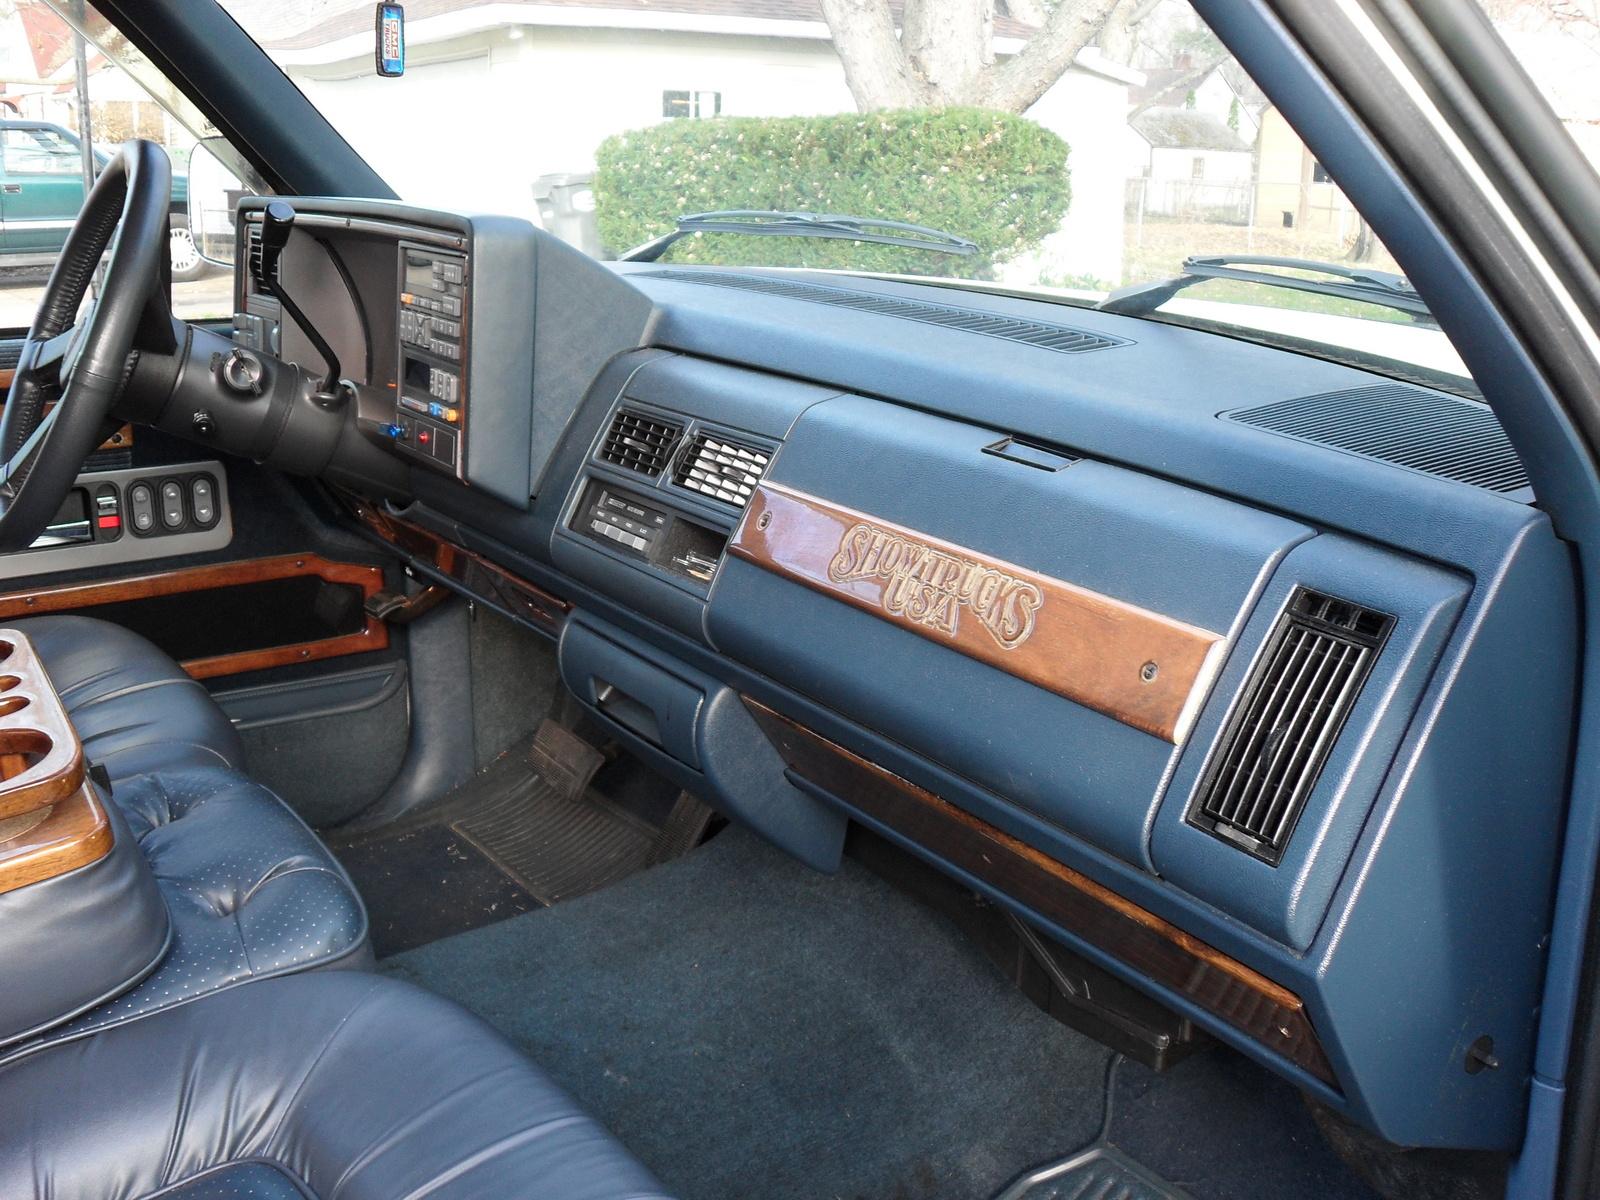 1993 gmc sierra gt parts - 1997 chevy silverado interior parts ...